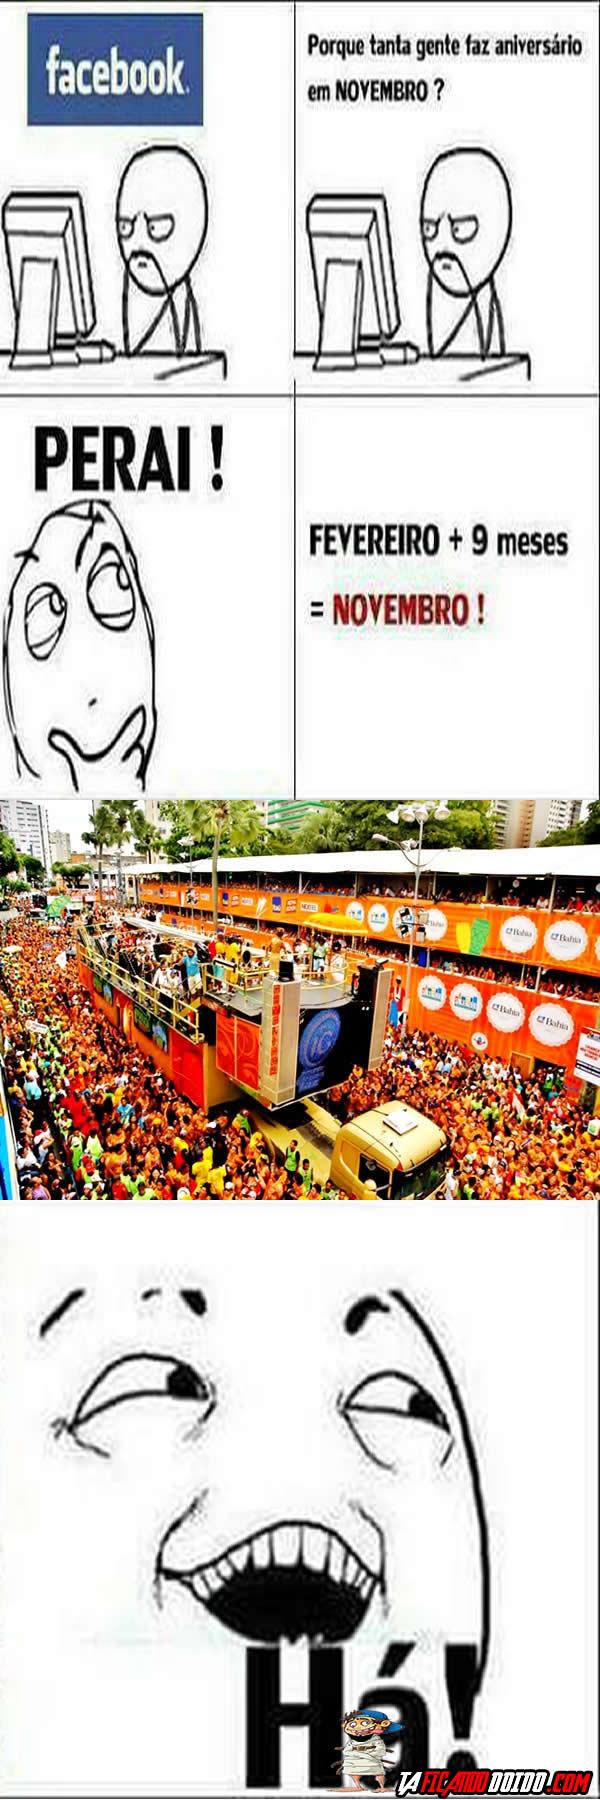 sobre o carnaval